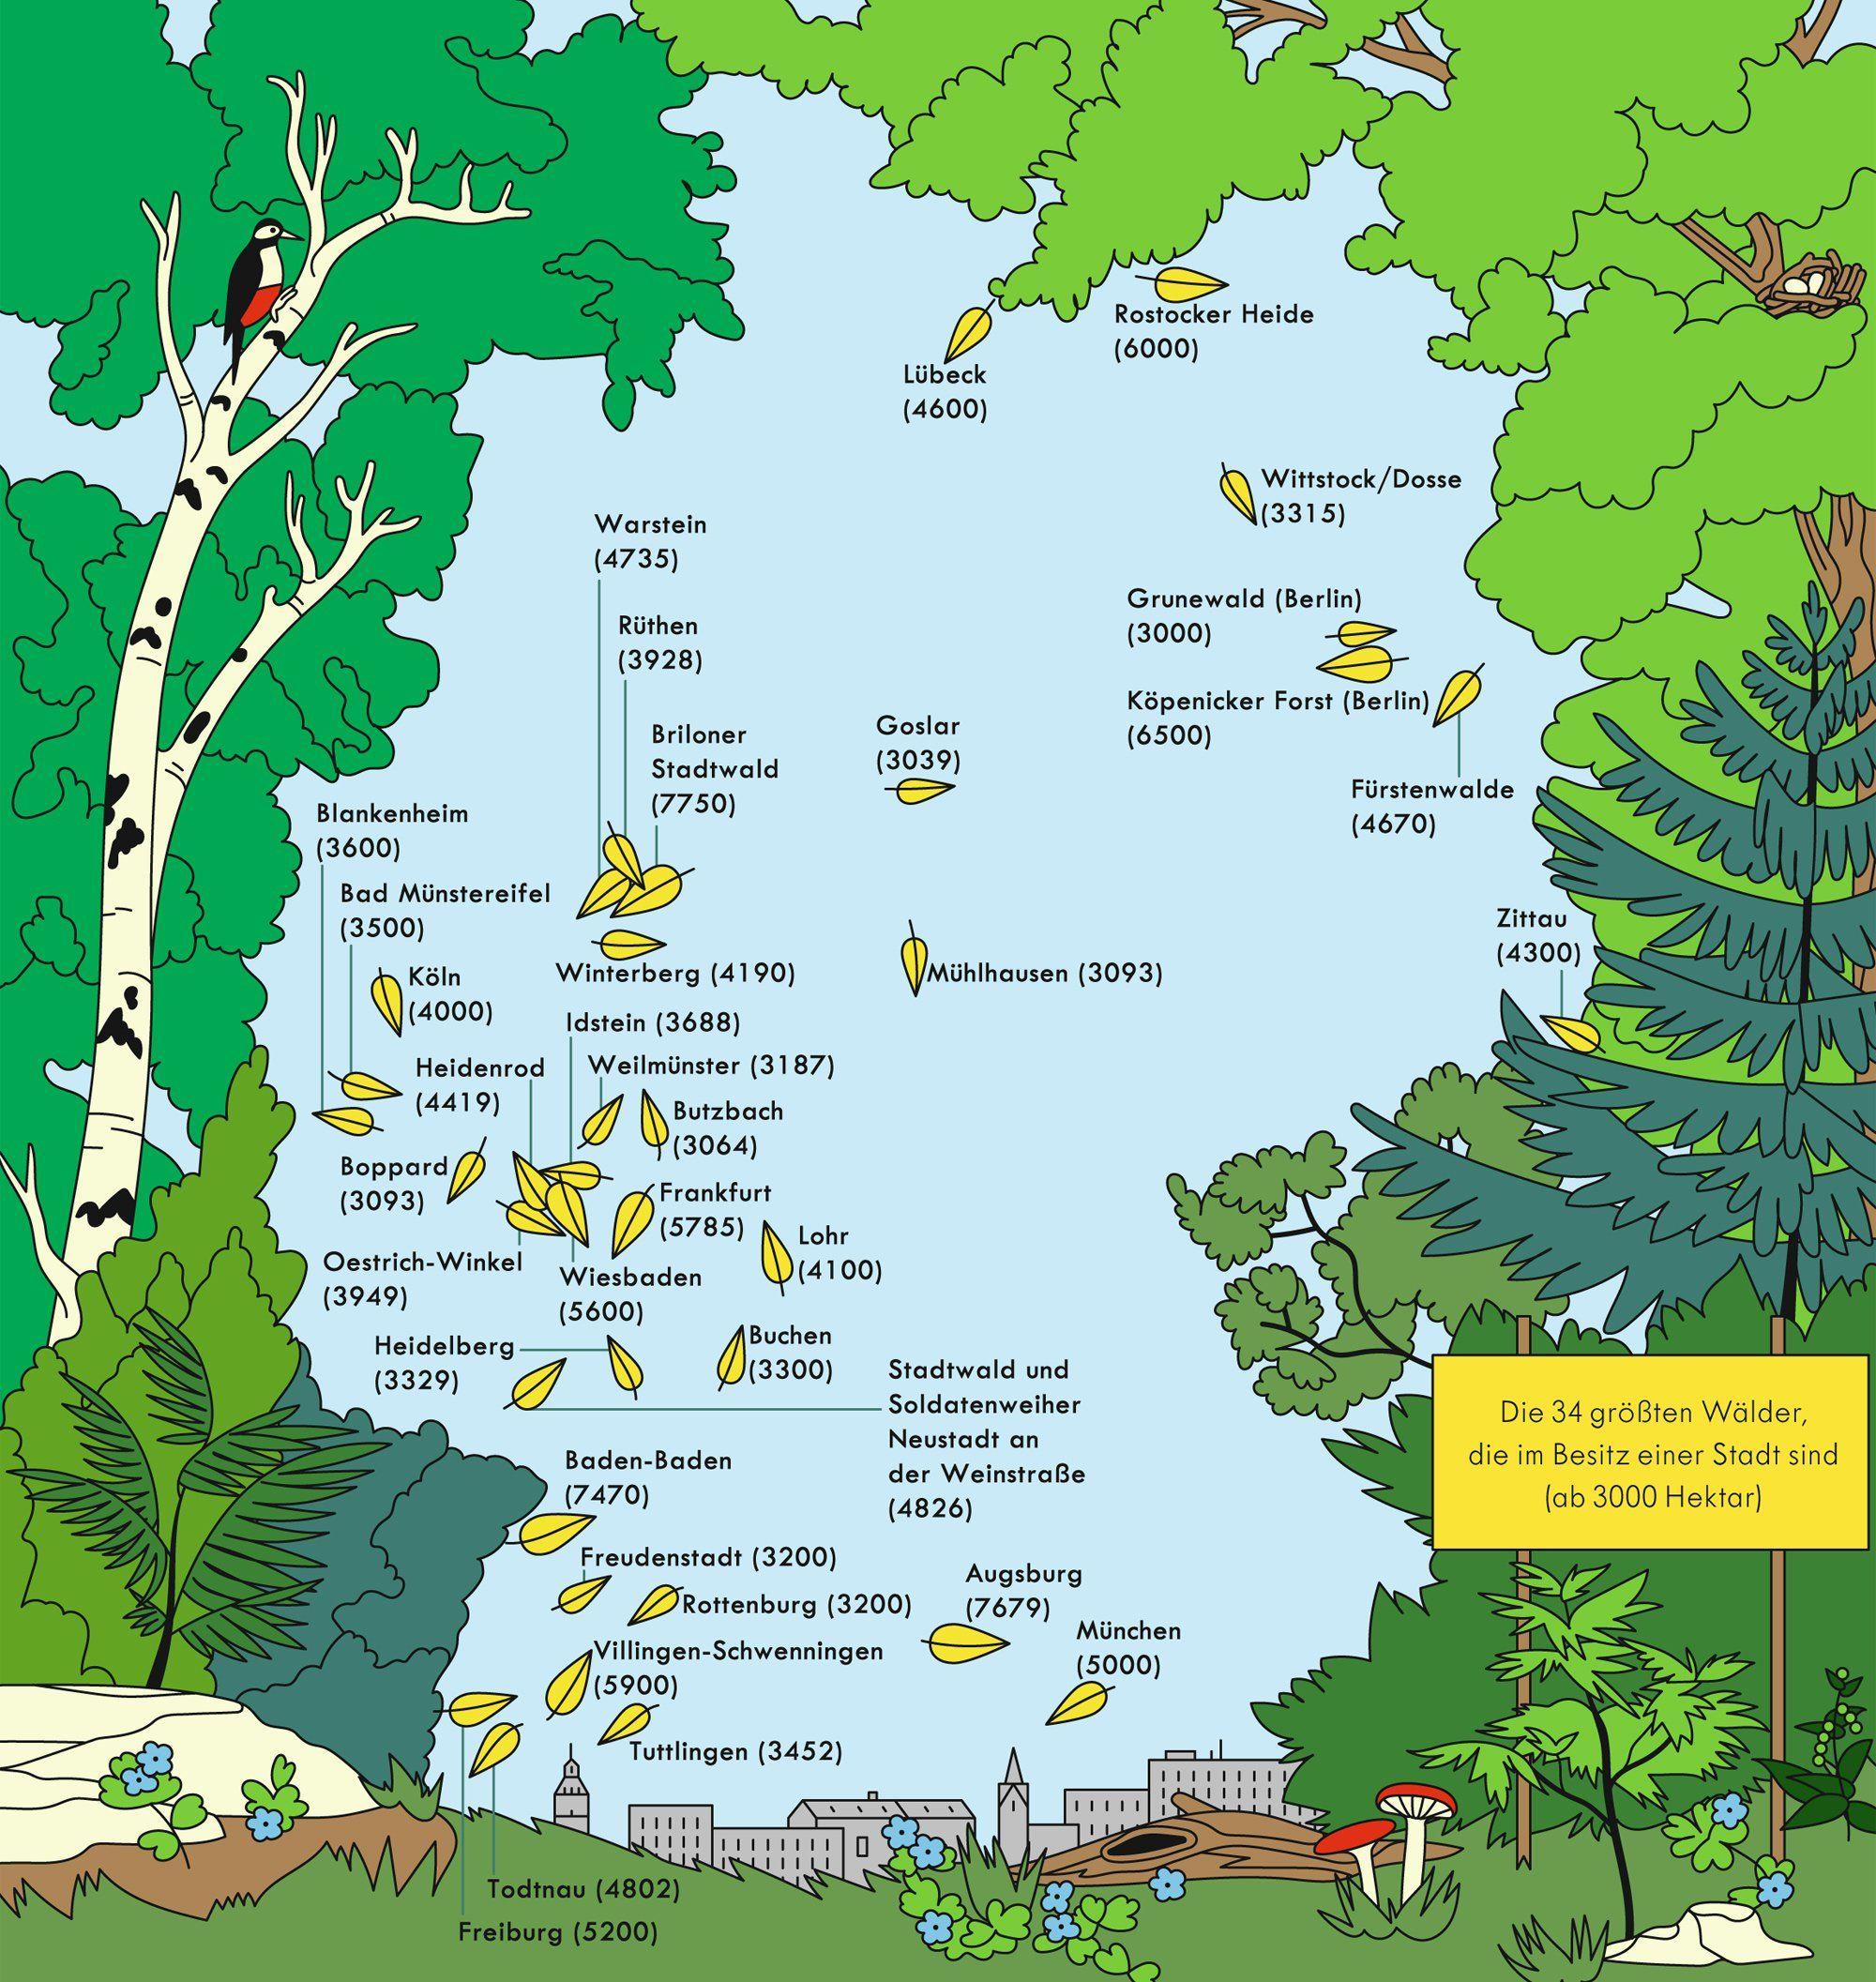 Cc Landstrad Ergebnisse Forstliche Landnutzung Wieviel Wald